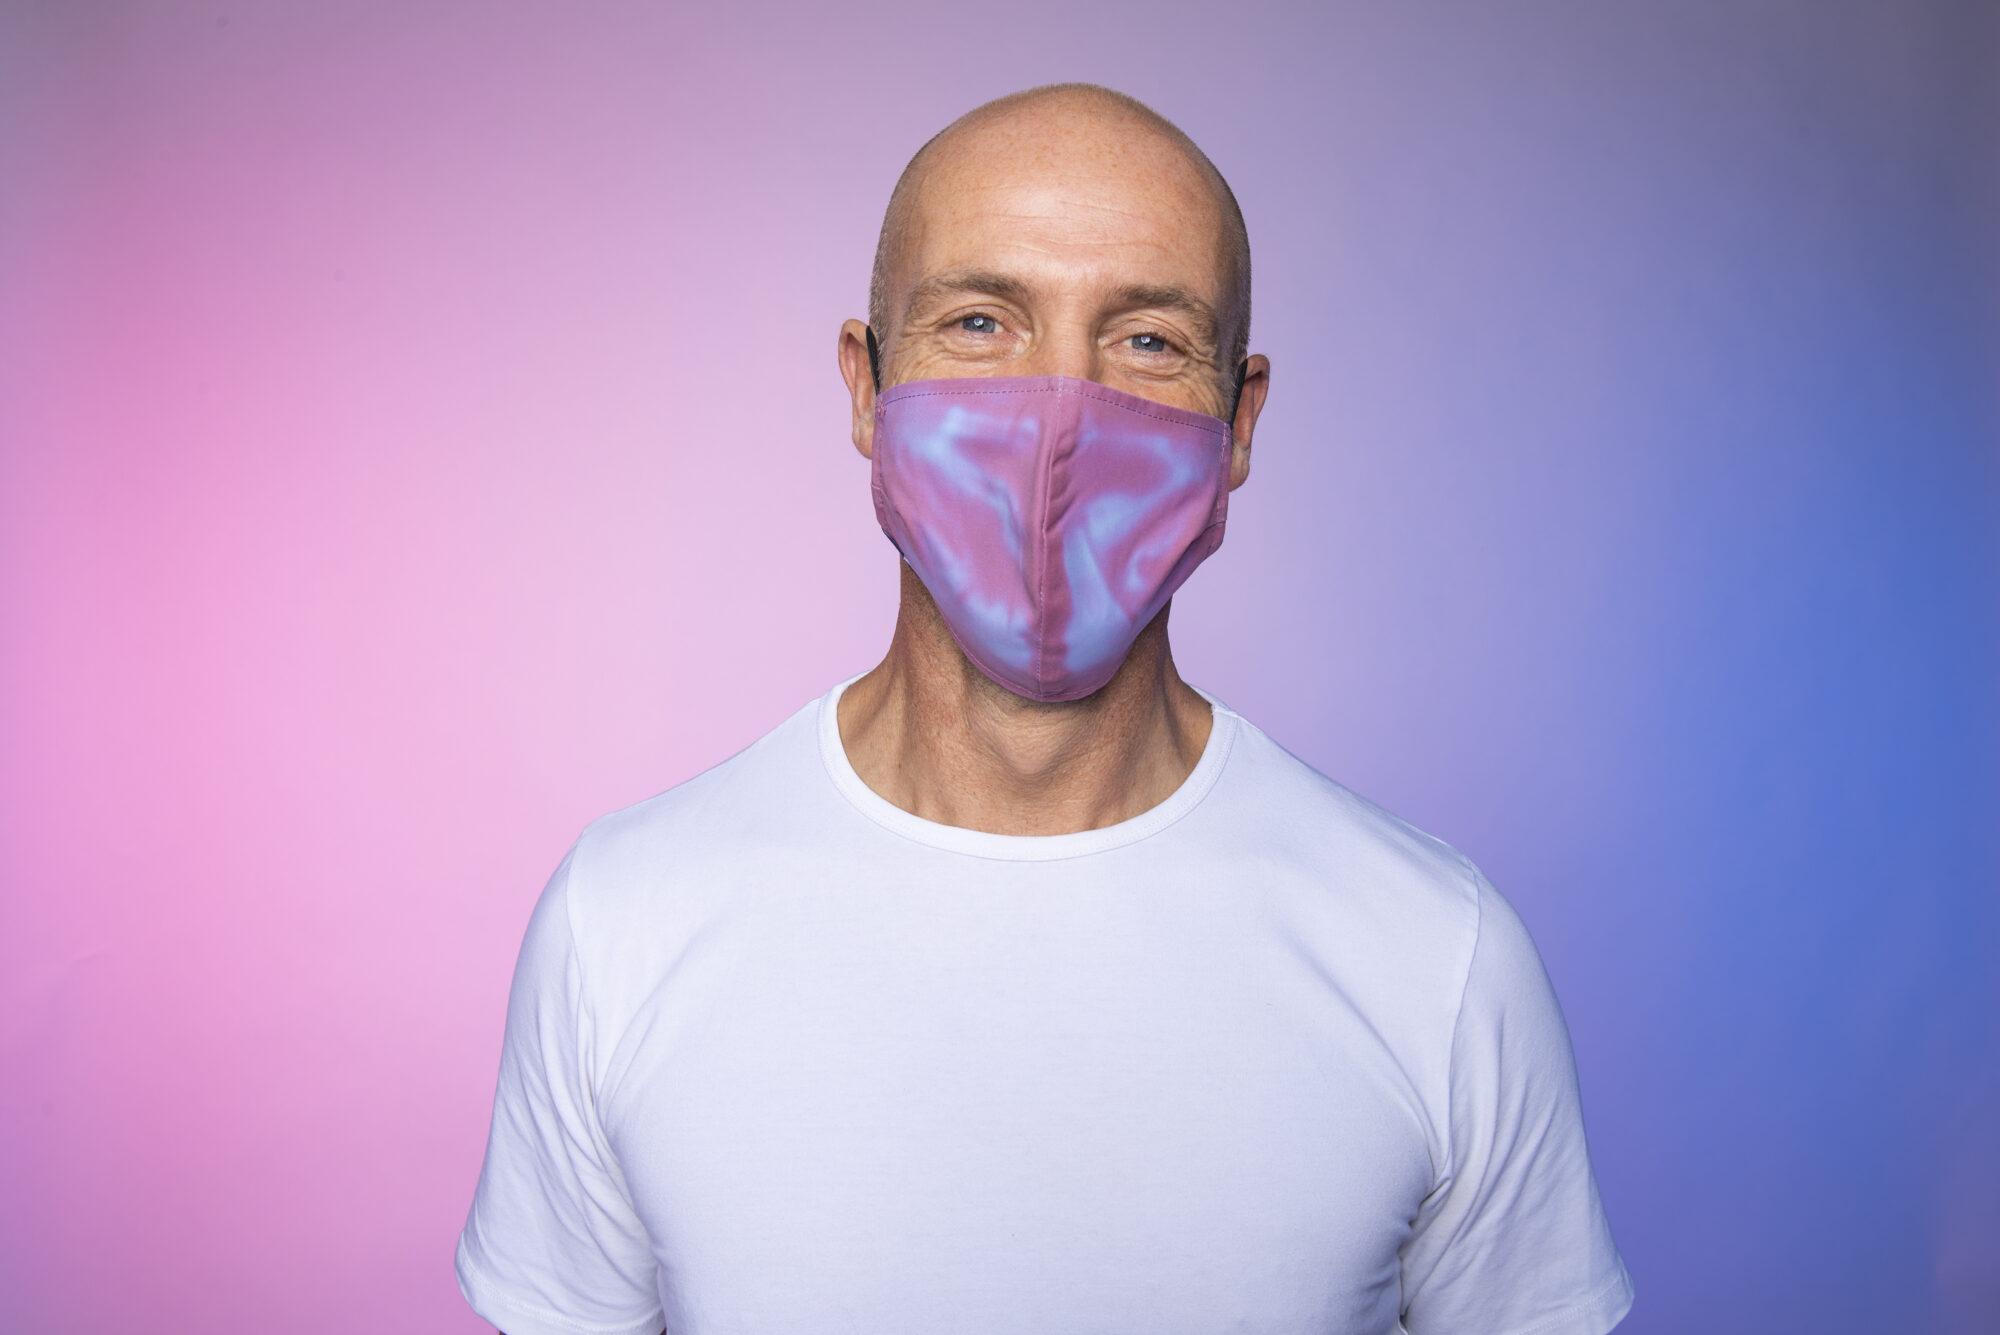 Een mondkapje dat elke vijf seconde van kleur verandert